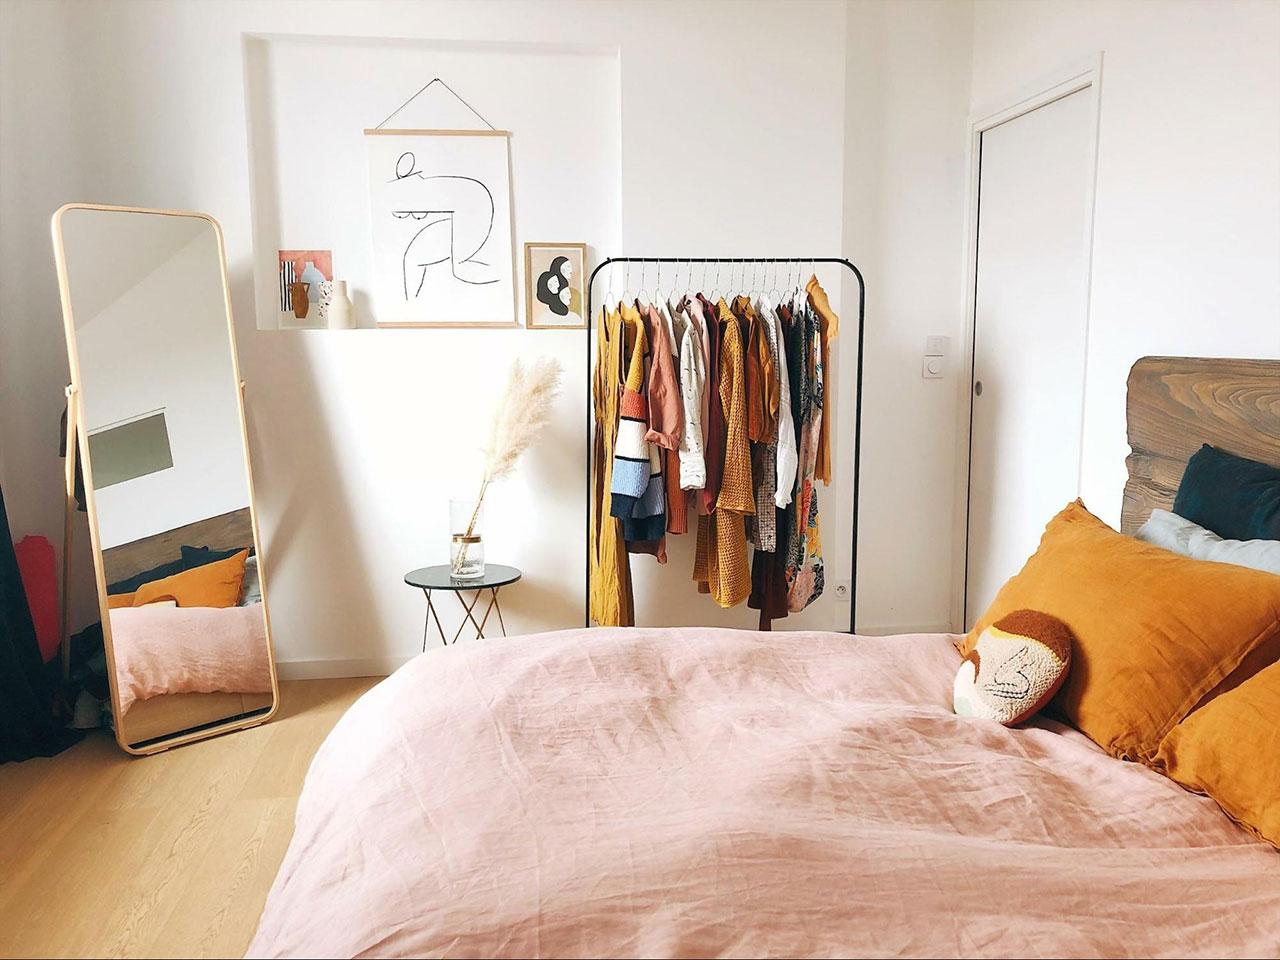 Tips For A Minimalist Bedroom - mmminimal on Minimalist Bedroom  id=91106